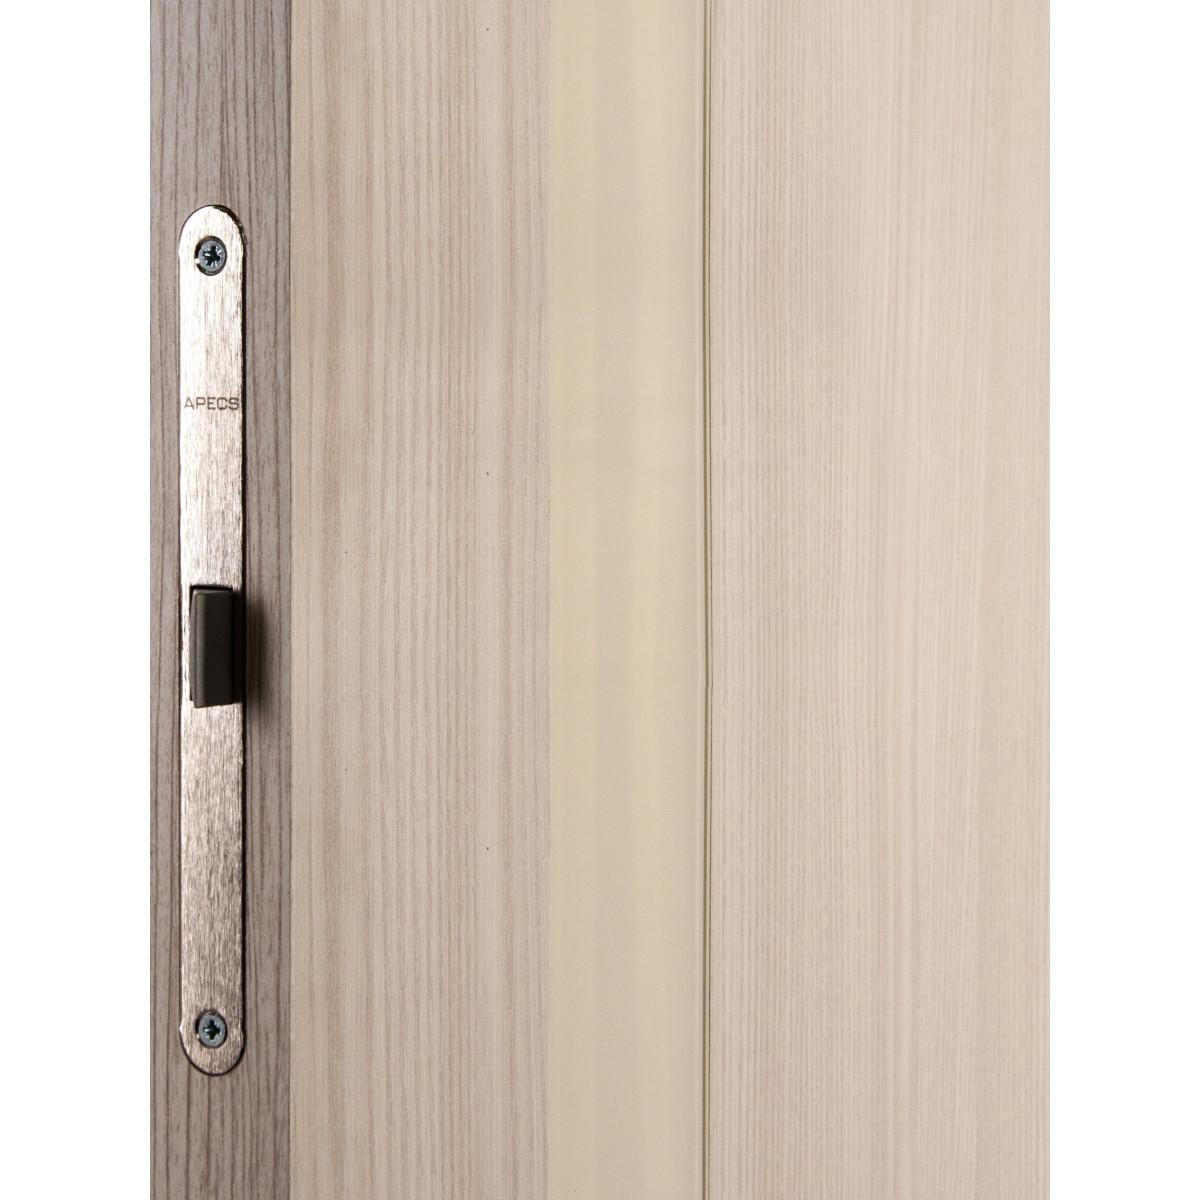 Дверь Межкомнатная Глухая С Замком И Петлями В Комплекте Мирра 60x200 Hardflex Цвет Ясень Бора